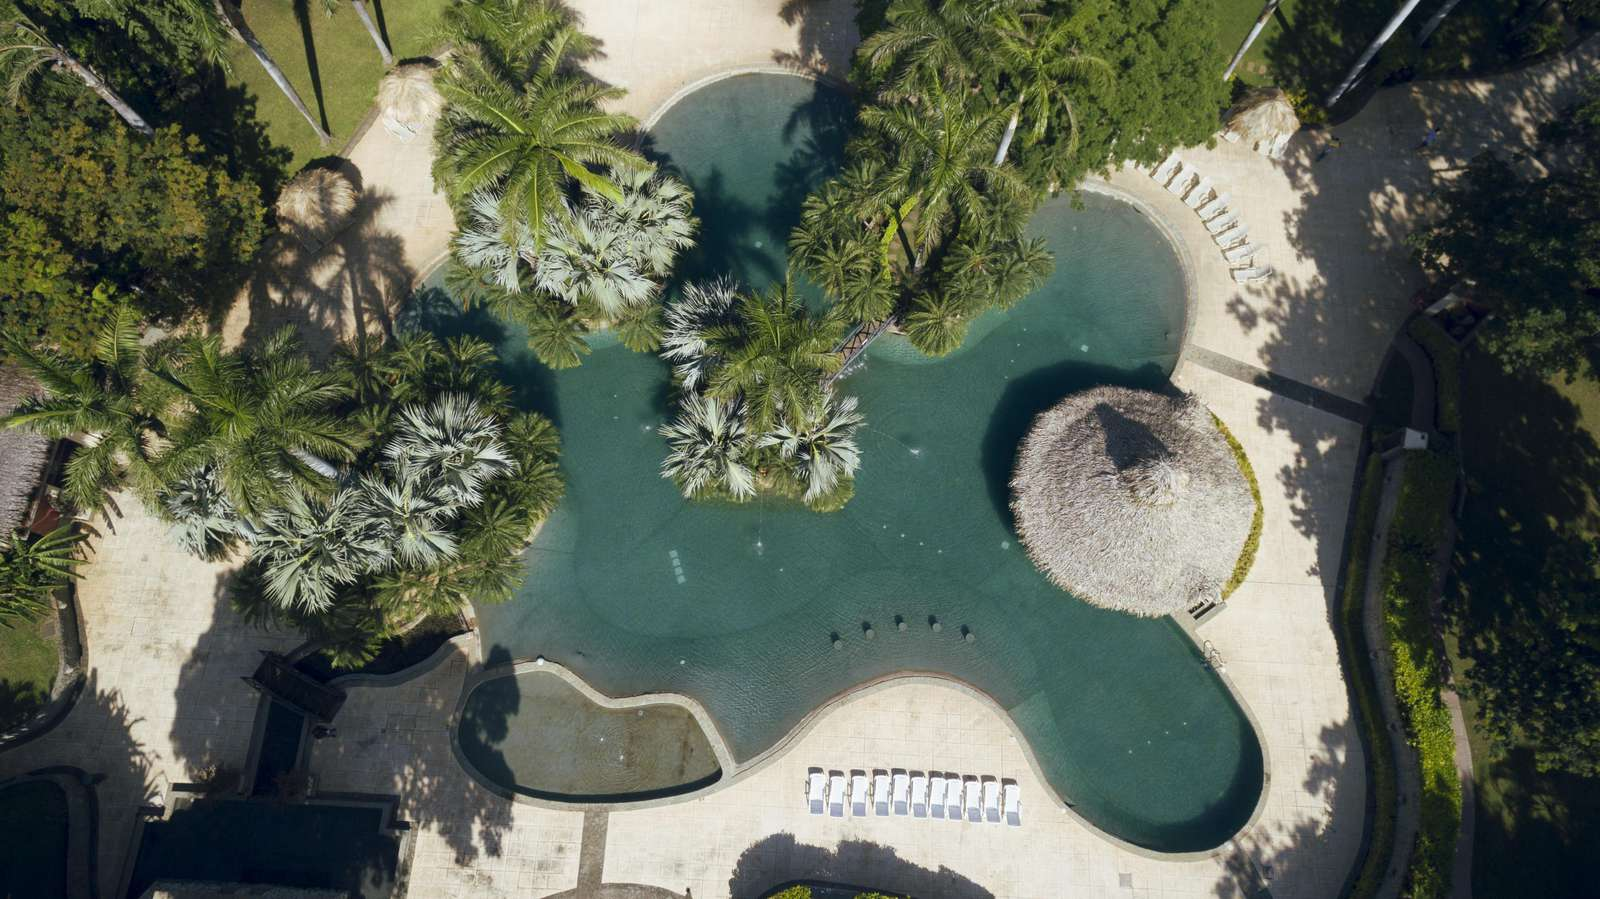 Aerial view of the Diria resort pool